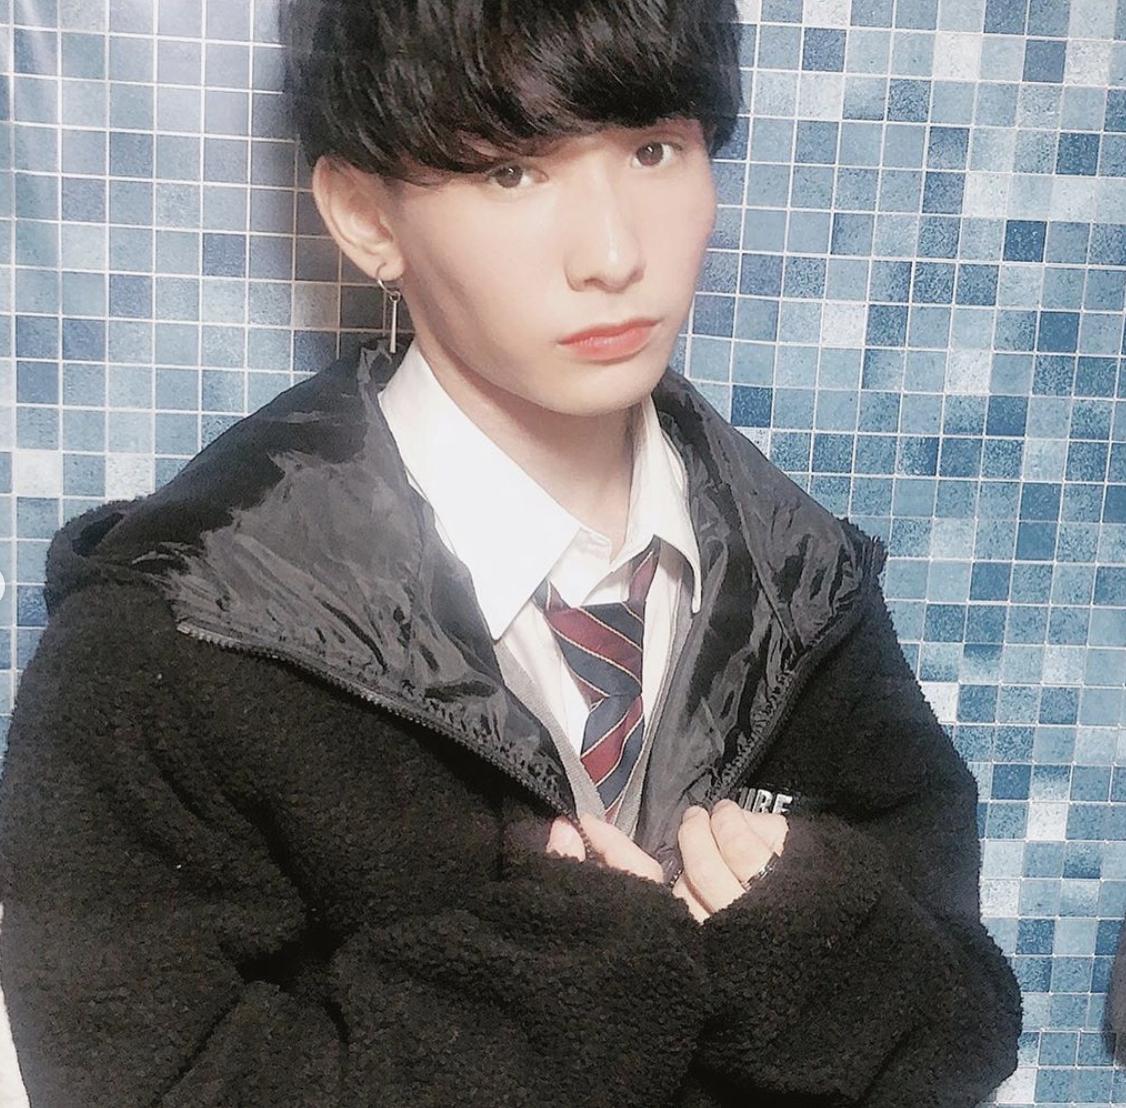 f:id:mokumoku10:20191204205106p:plain